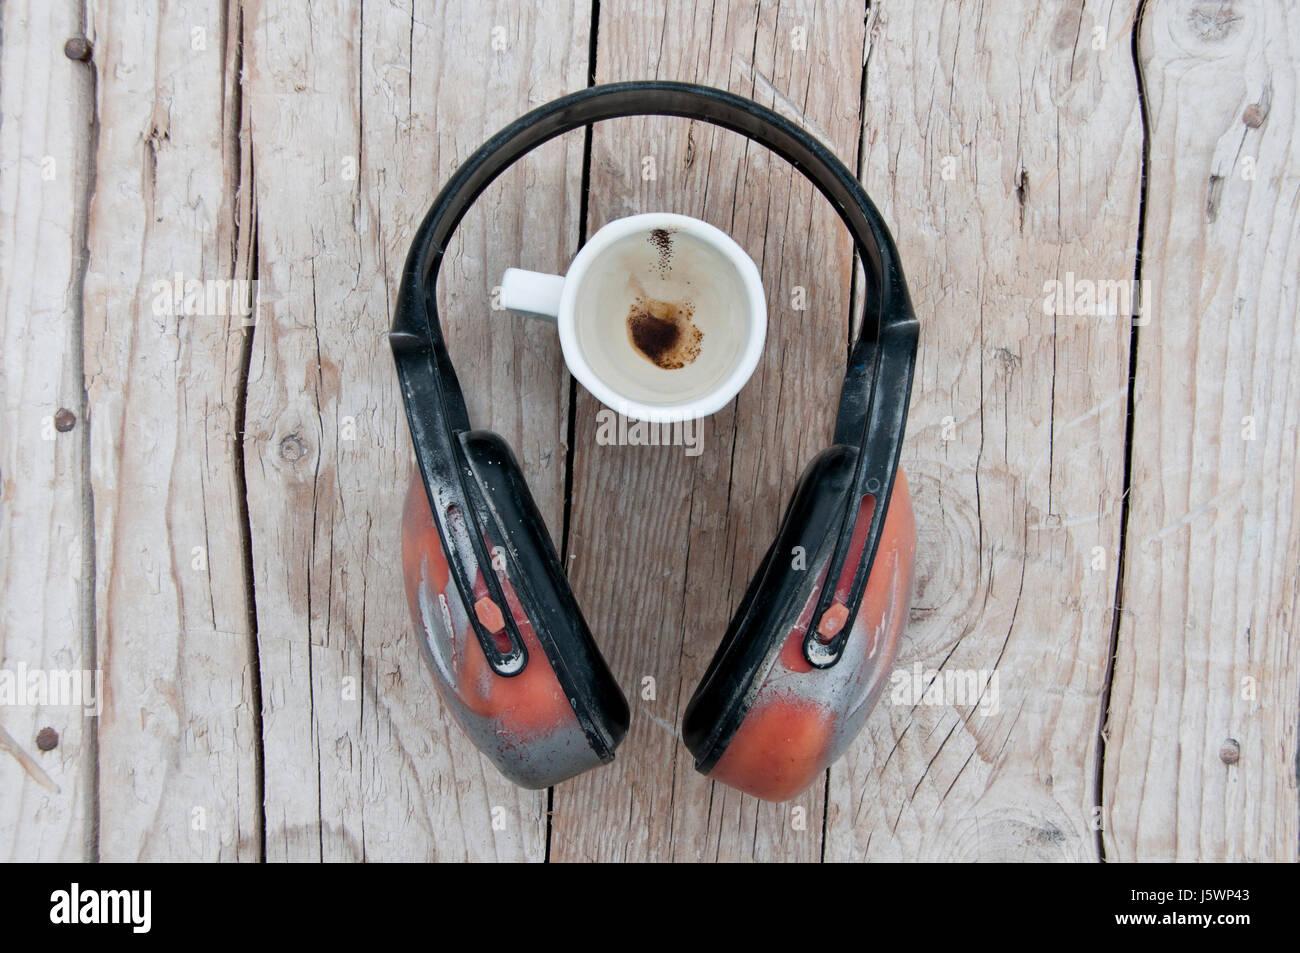 Prise casque et une tasse de café Photo Stock